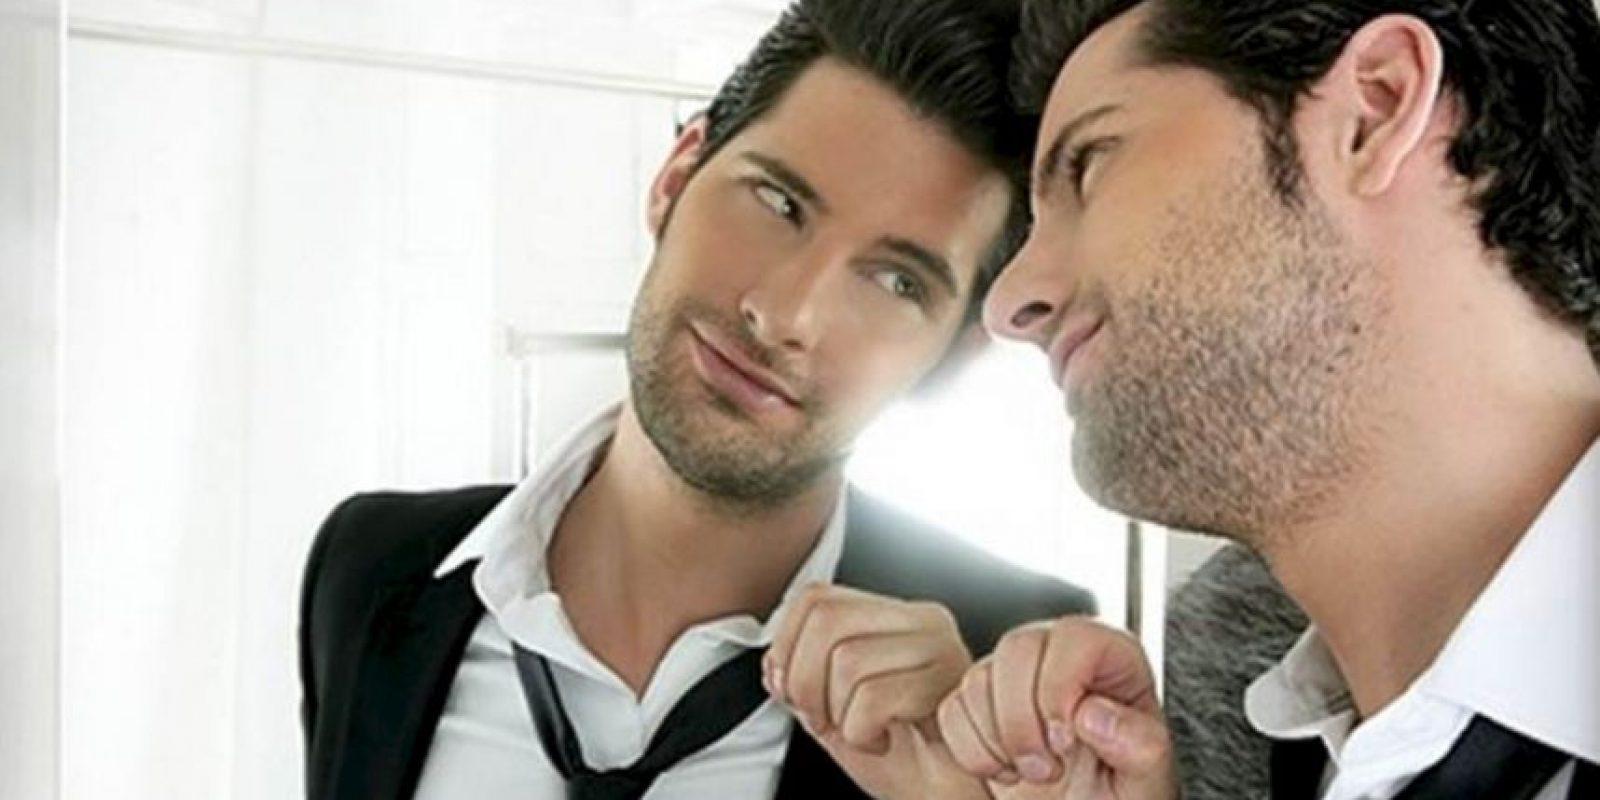 Las mujeres que pretendían una relación a largo plazo, se inclinaban por escoger hombres directos, pero menos atractivos. Foto:Tumblr.com/Tagged/seducción